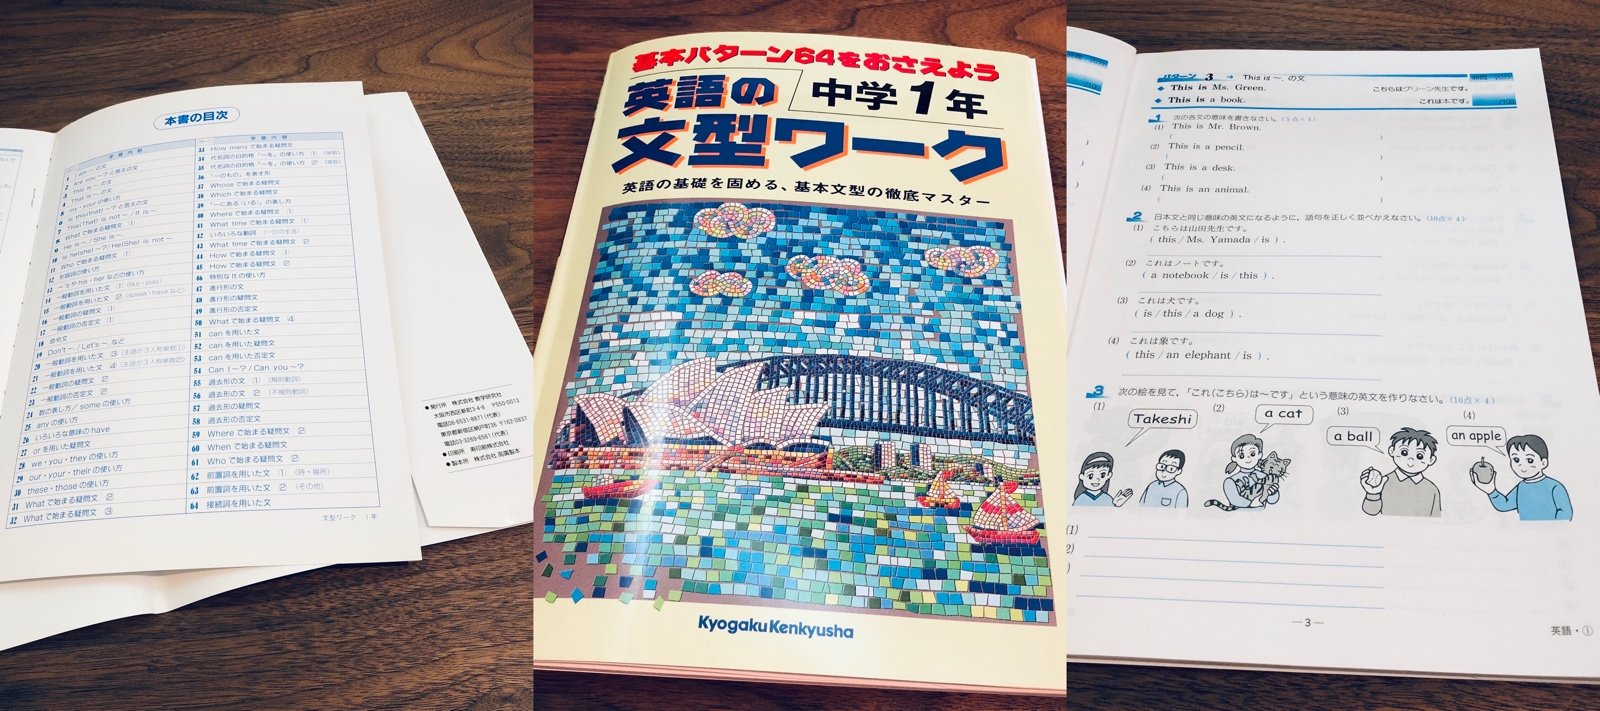 2008年8月(11年前)に630円で購入したドリルをいまさらはじめる。  「中古品の出品:8 ¥3,975より」 「教科書で学習する英文型を分類・整理して、64パターンにまとめてあります」  英語の文型ワーク (中学1年) | |本 | 通販 | Amazon https://t.co/EjEcmLMRZY https://t.co/o9SvPAmNeI